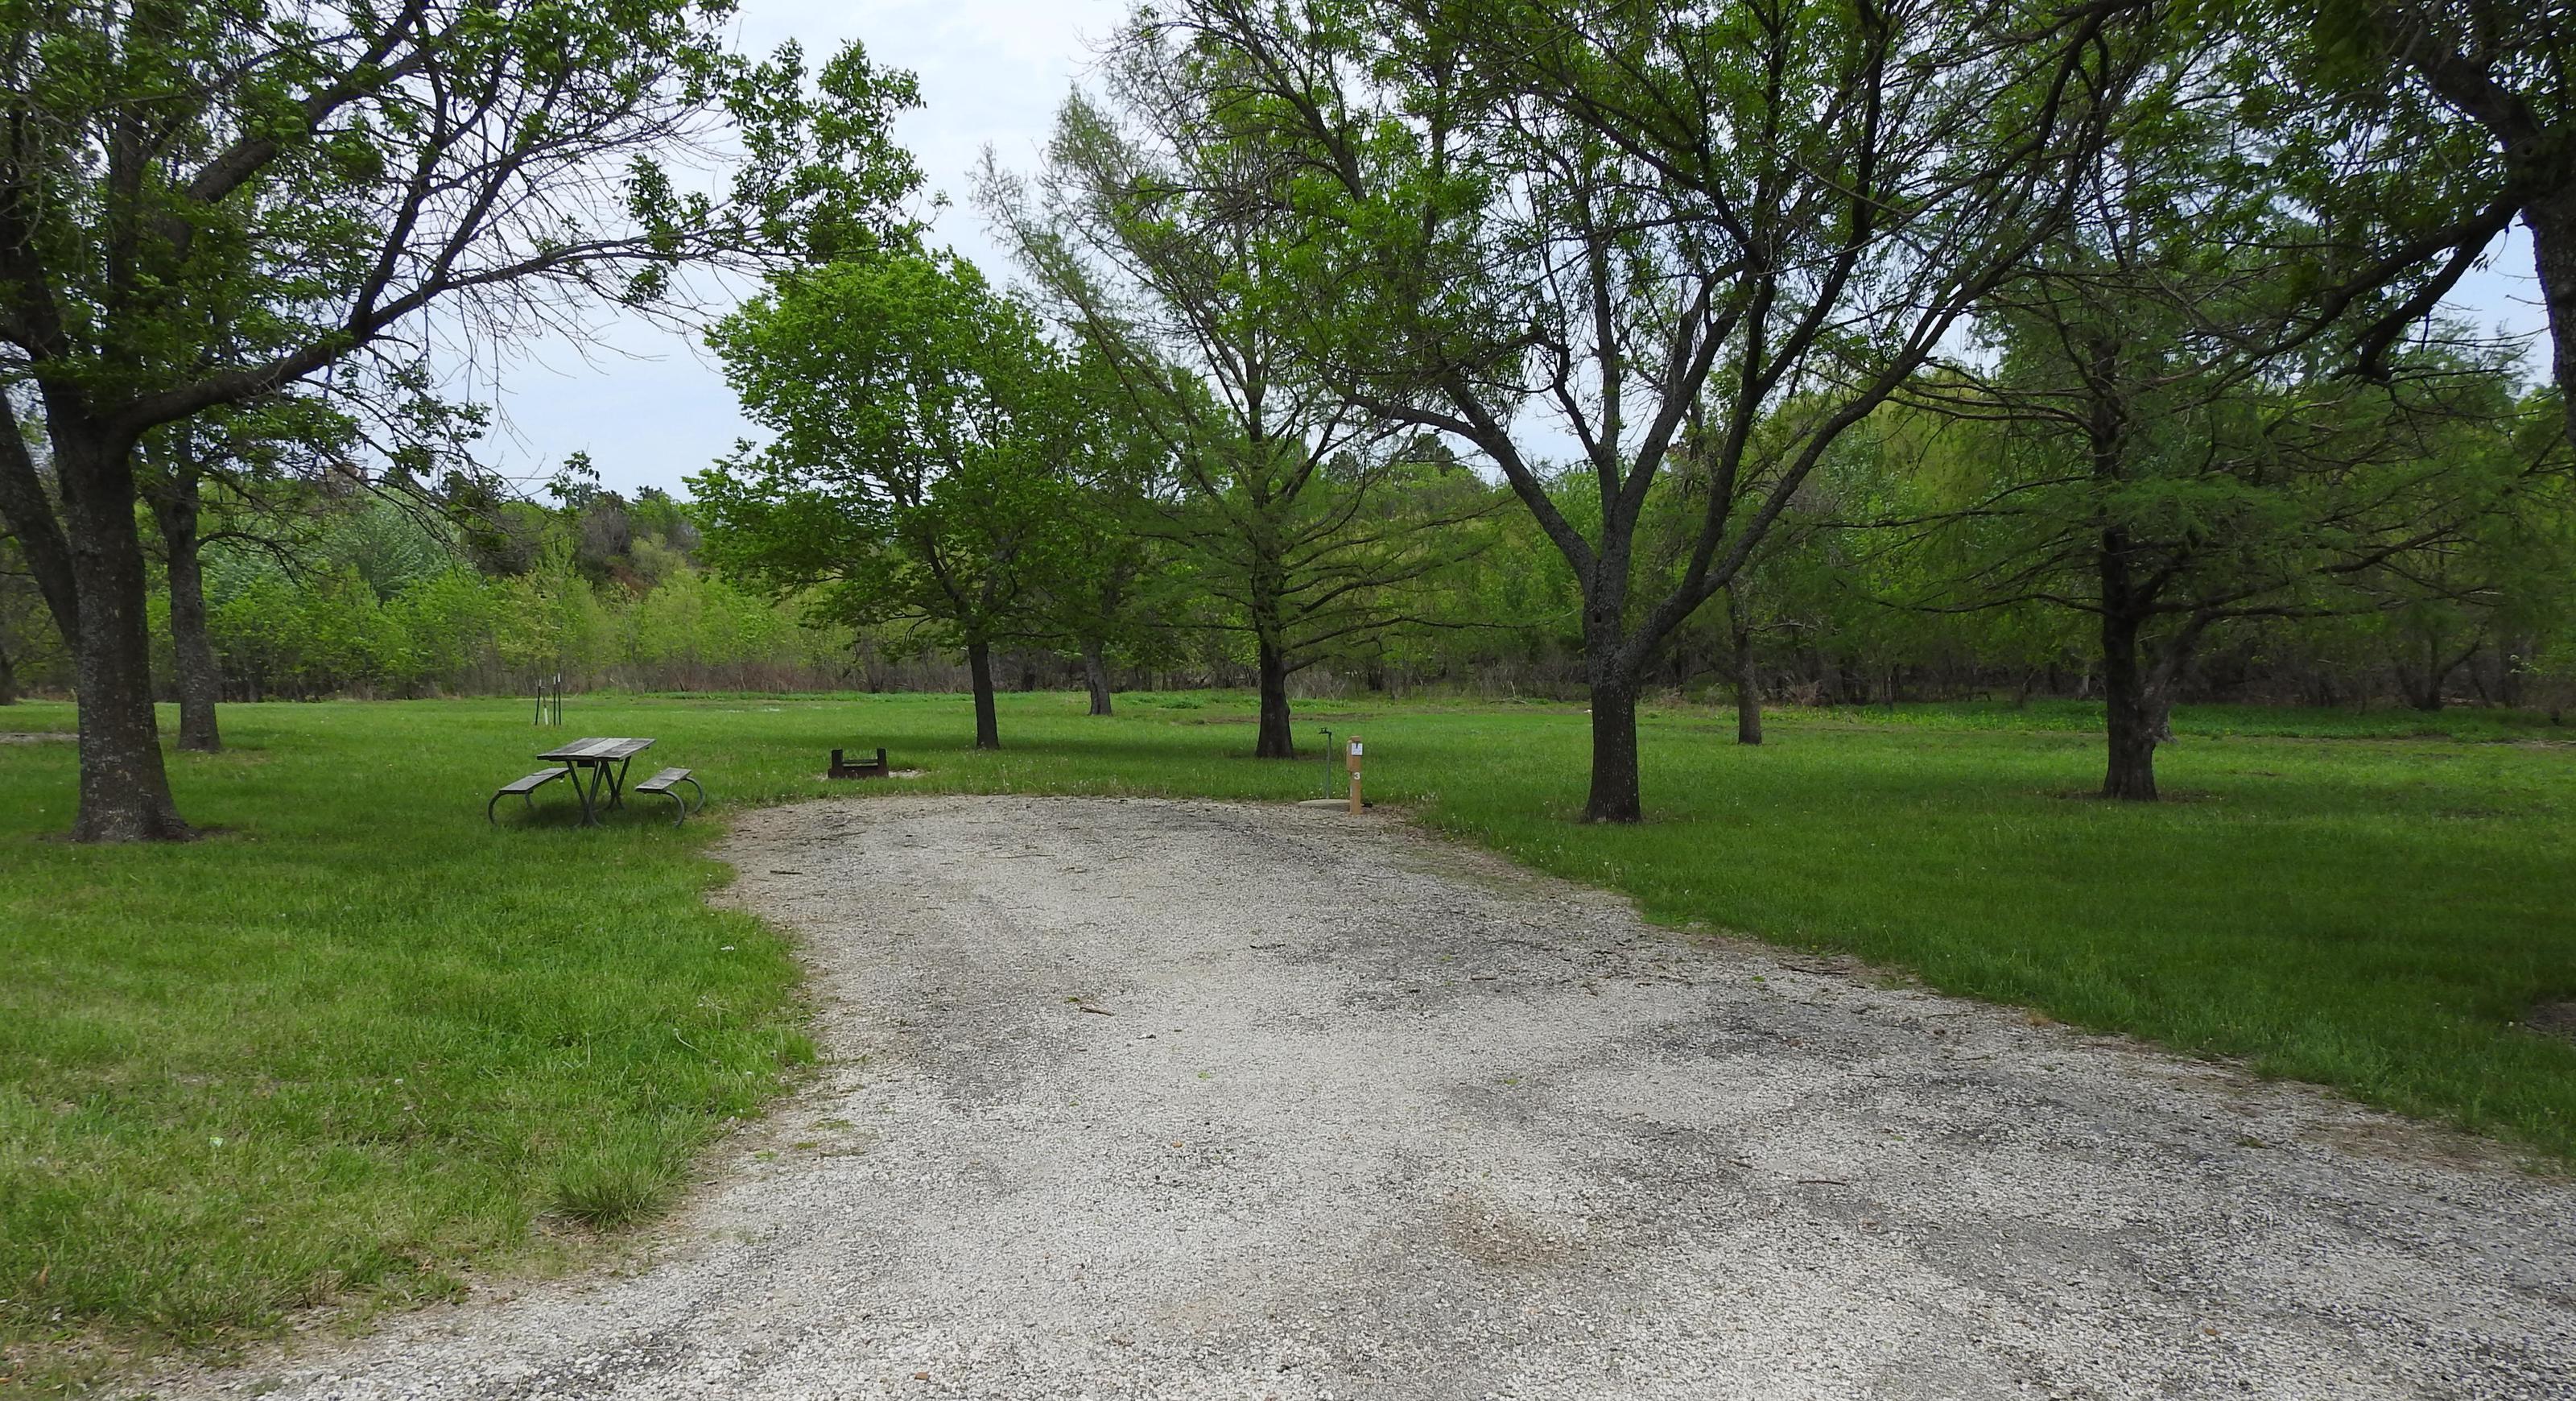 Site 3 in Turkey Point Campground